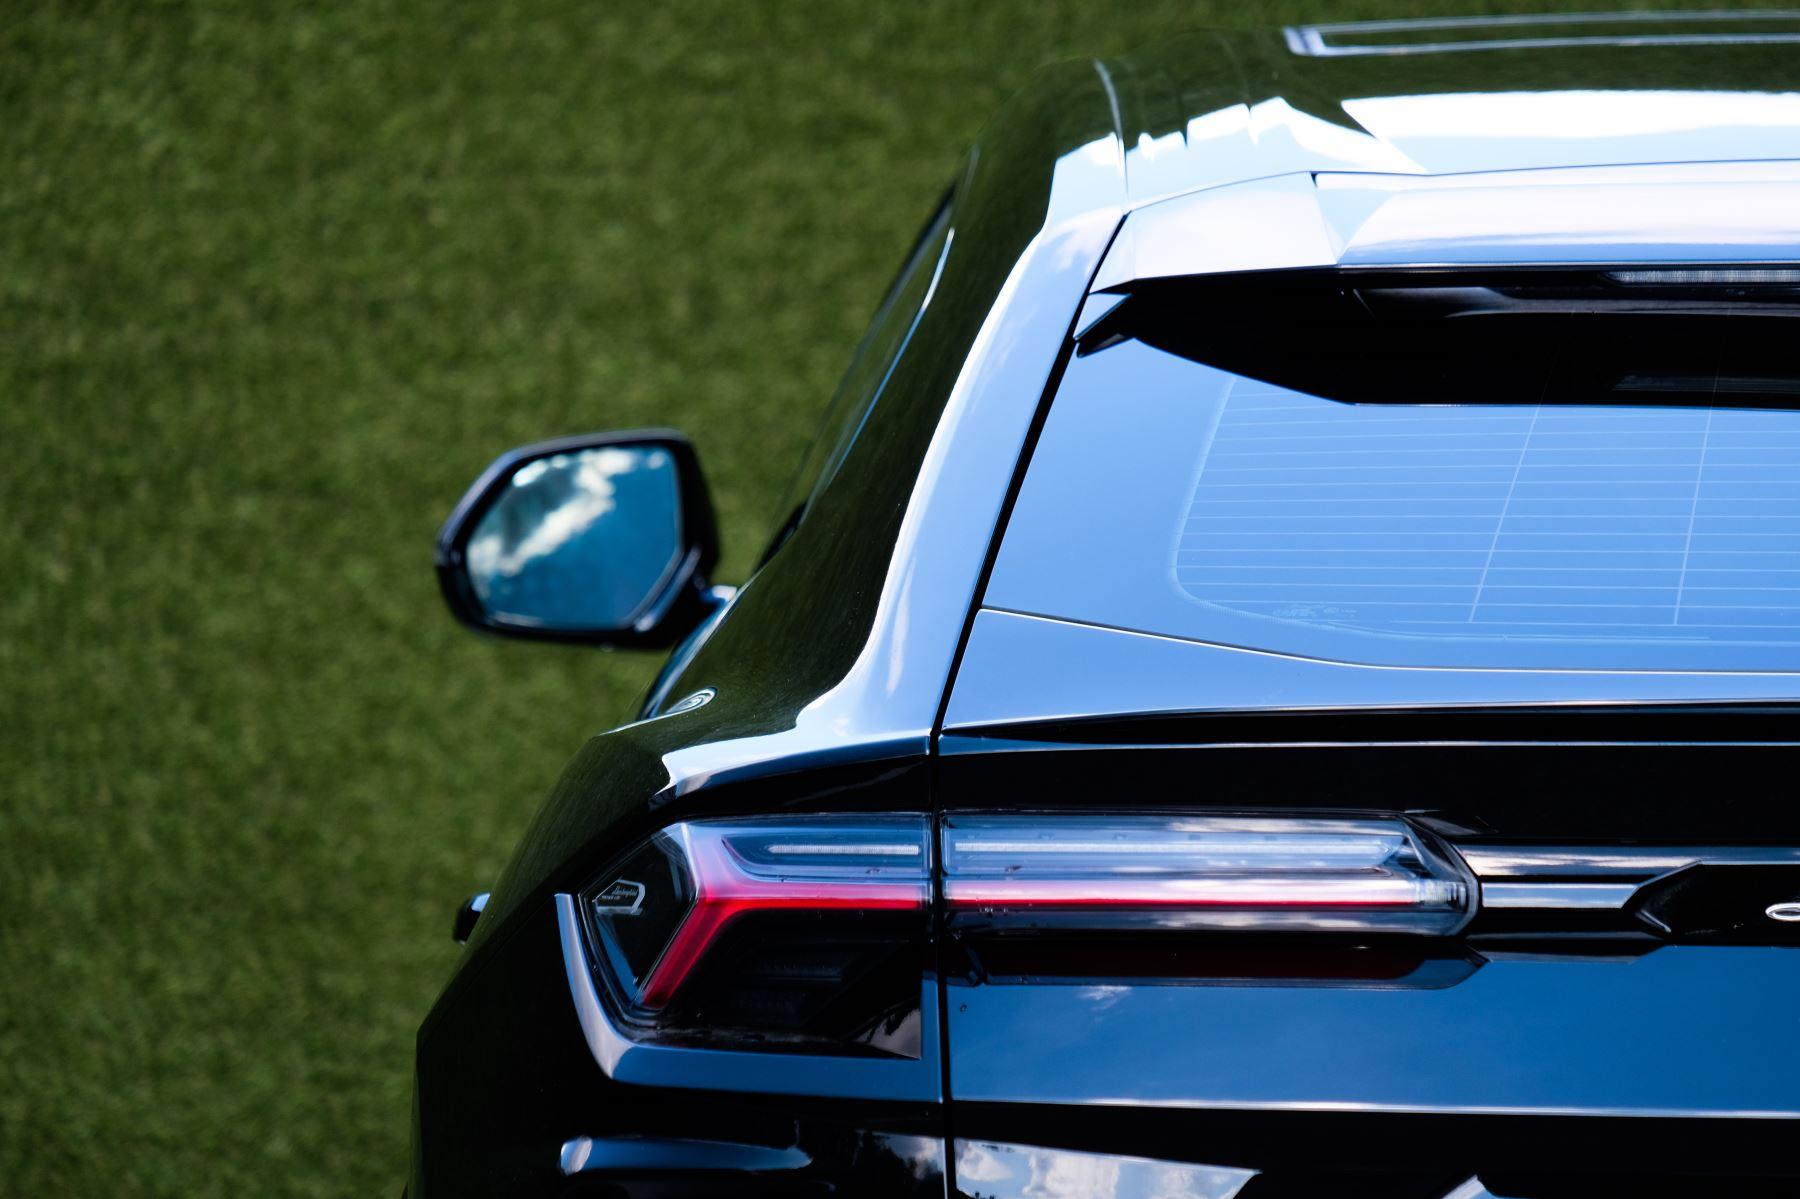 Lamborghini Urus 4.0T FSI V8 AUTO- 4 SEAT CONFIGURATION - NIGHT VISION - 23 INCH ALLOYS image 11